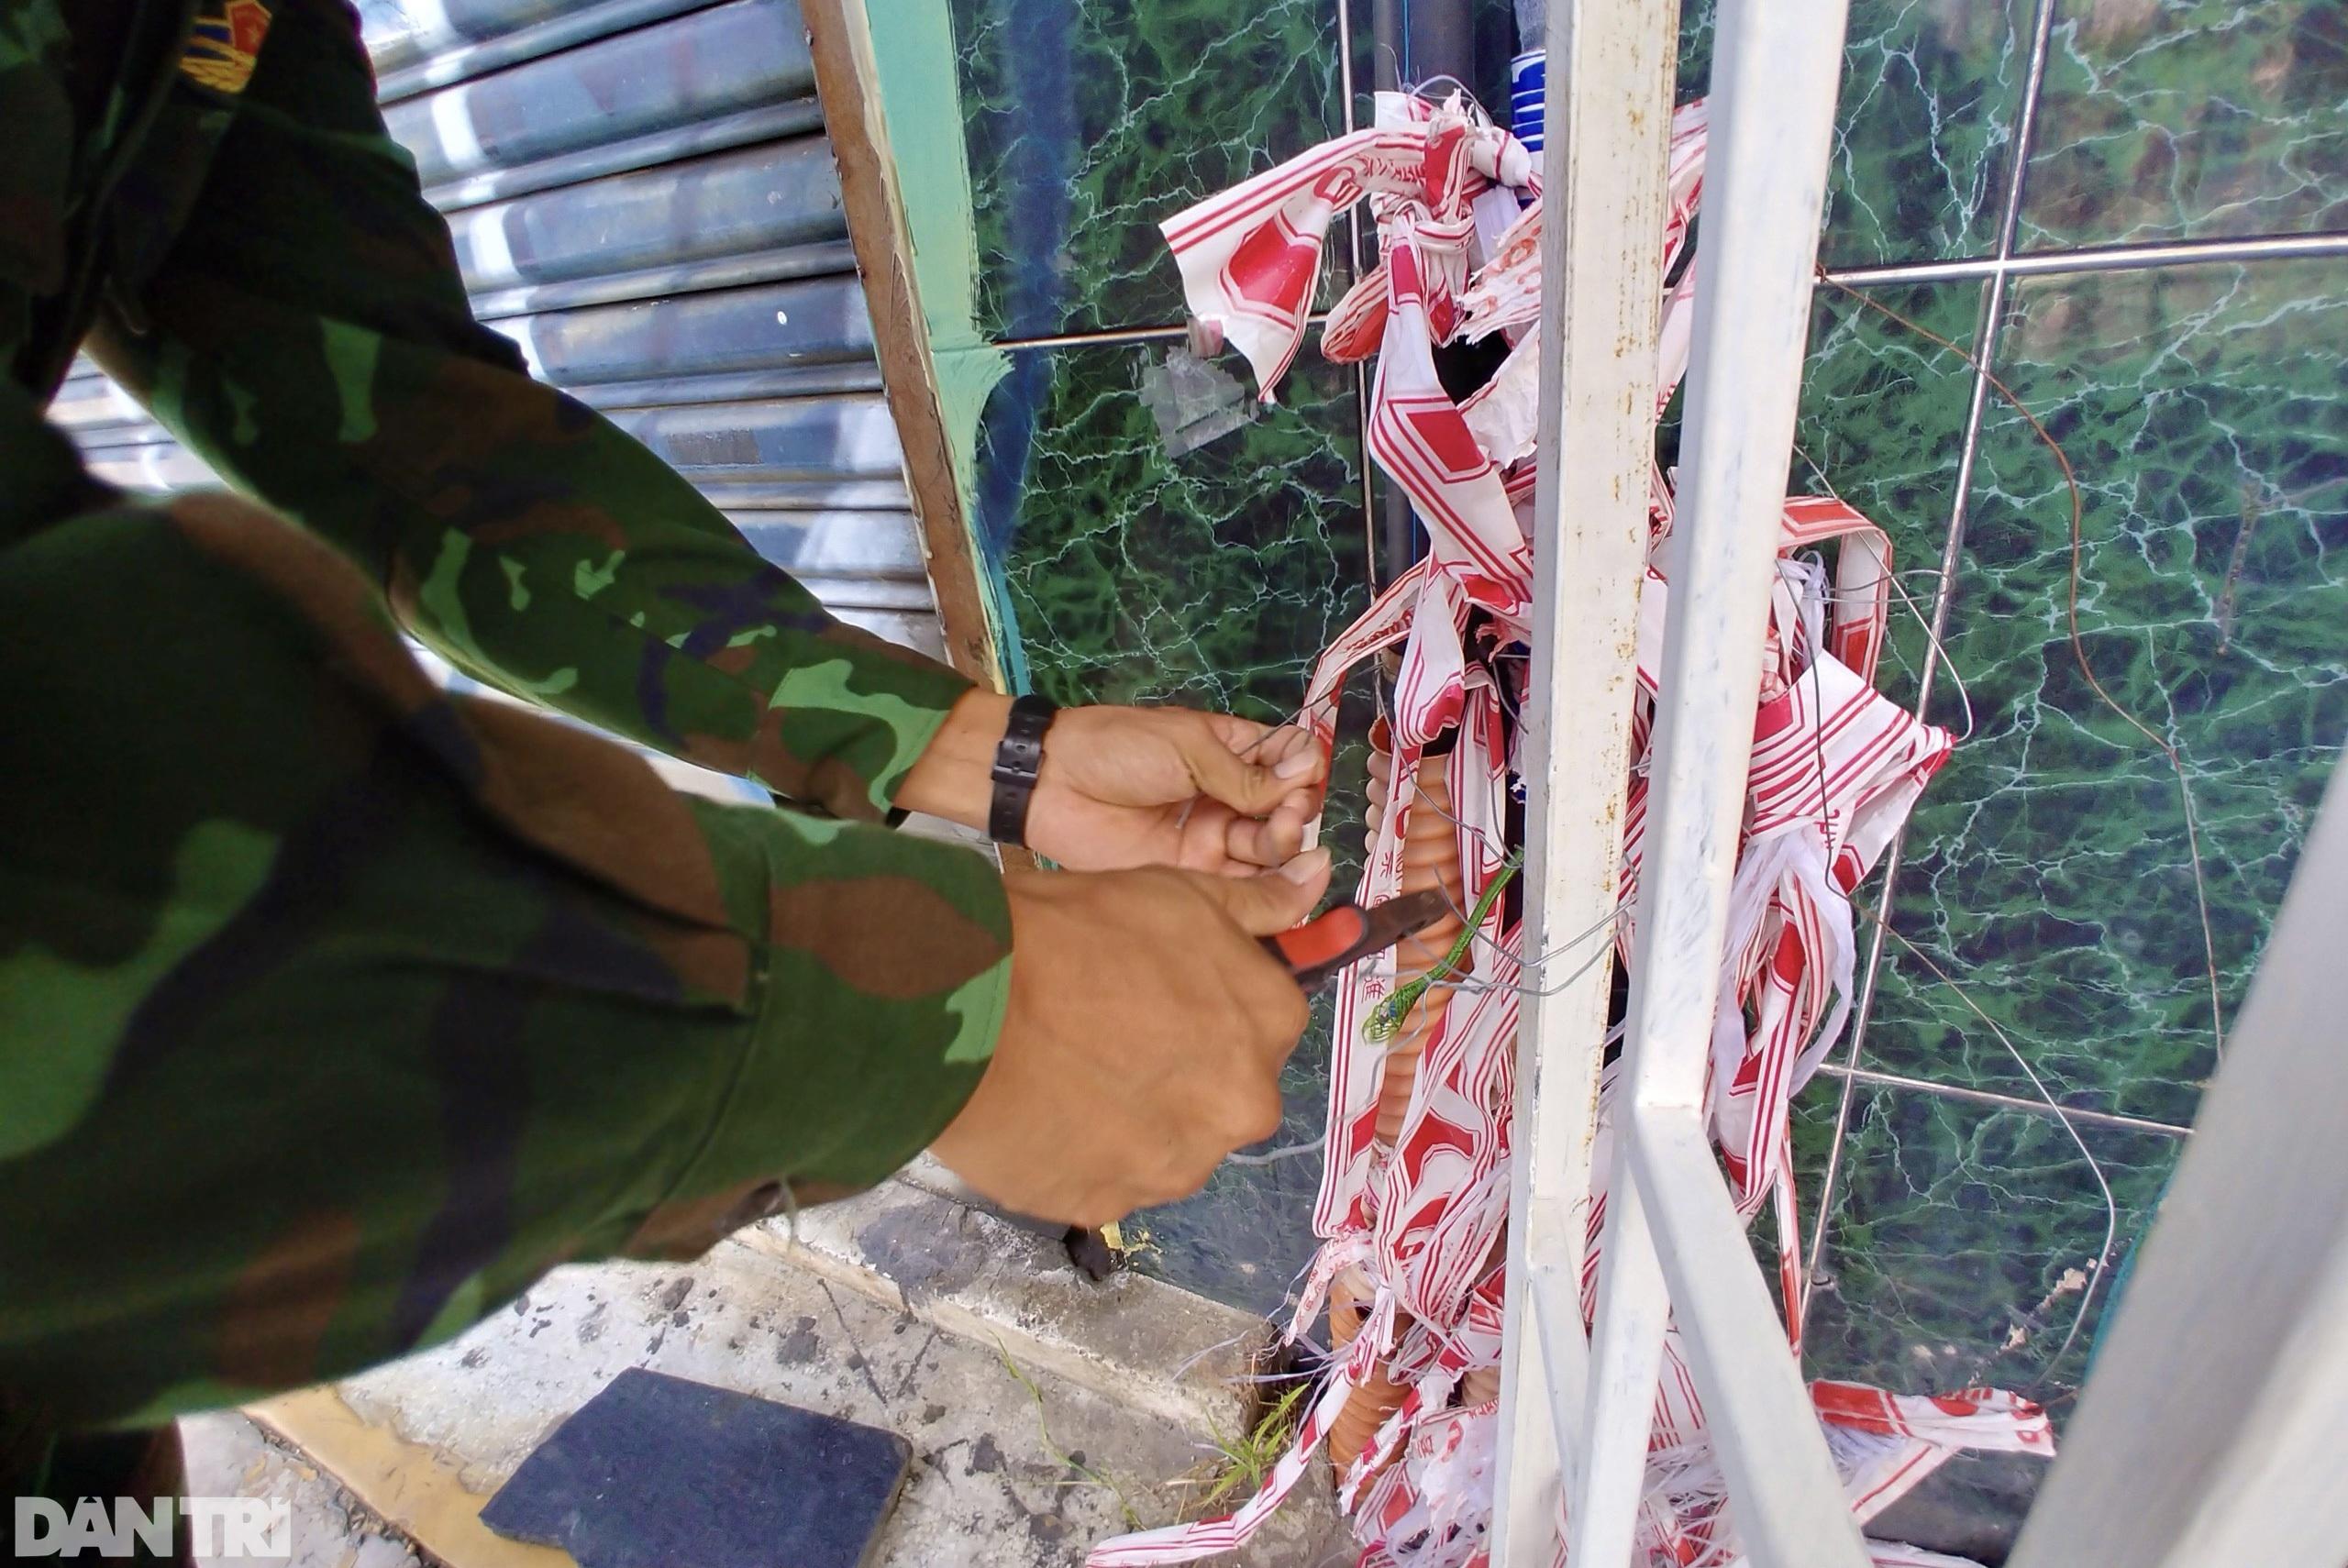 Hẻm nhỏ ở TPHCM dỡ chốt phong tỏa, đường lớn vẫn rào chắn kín mít - 2